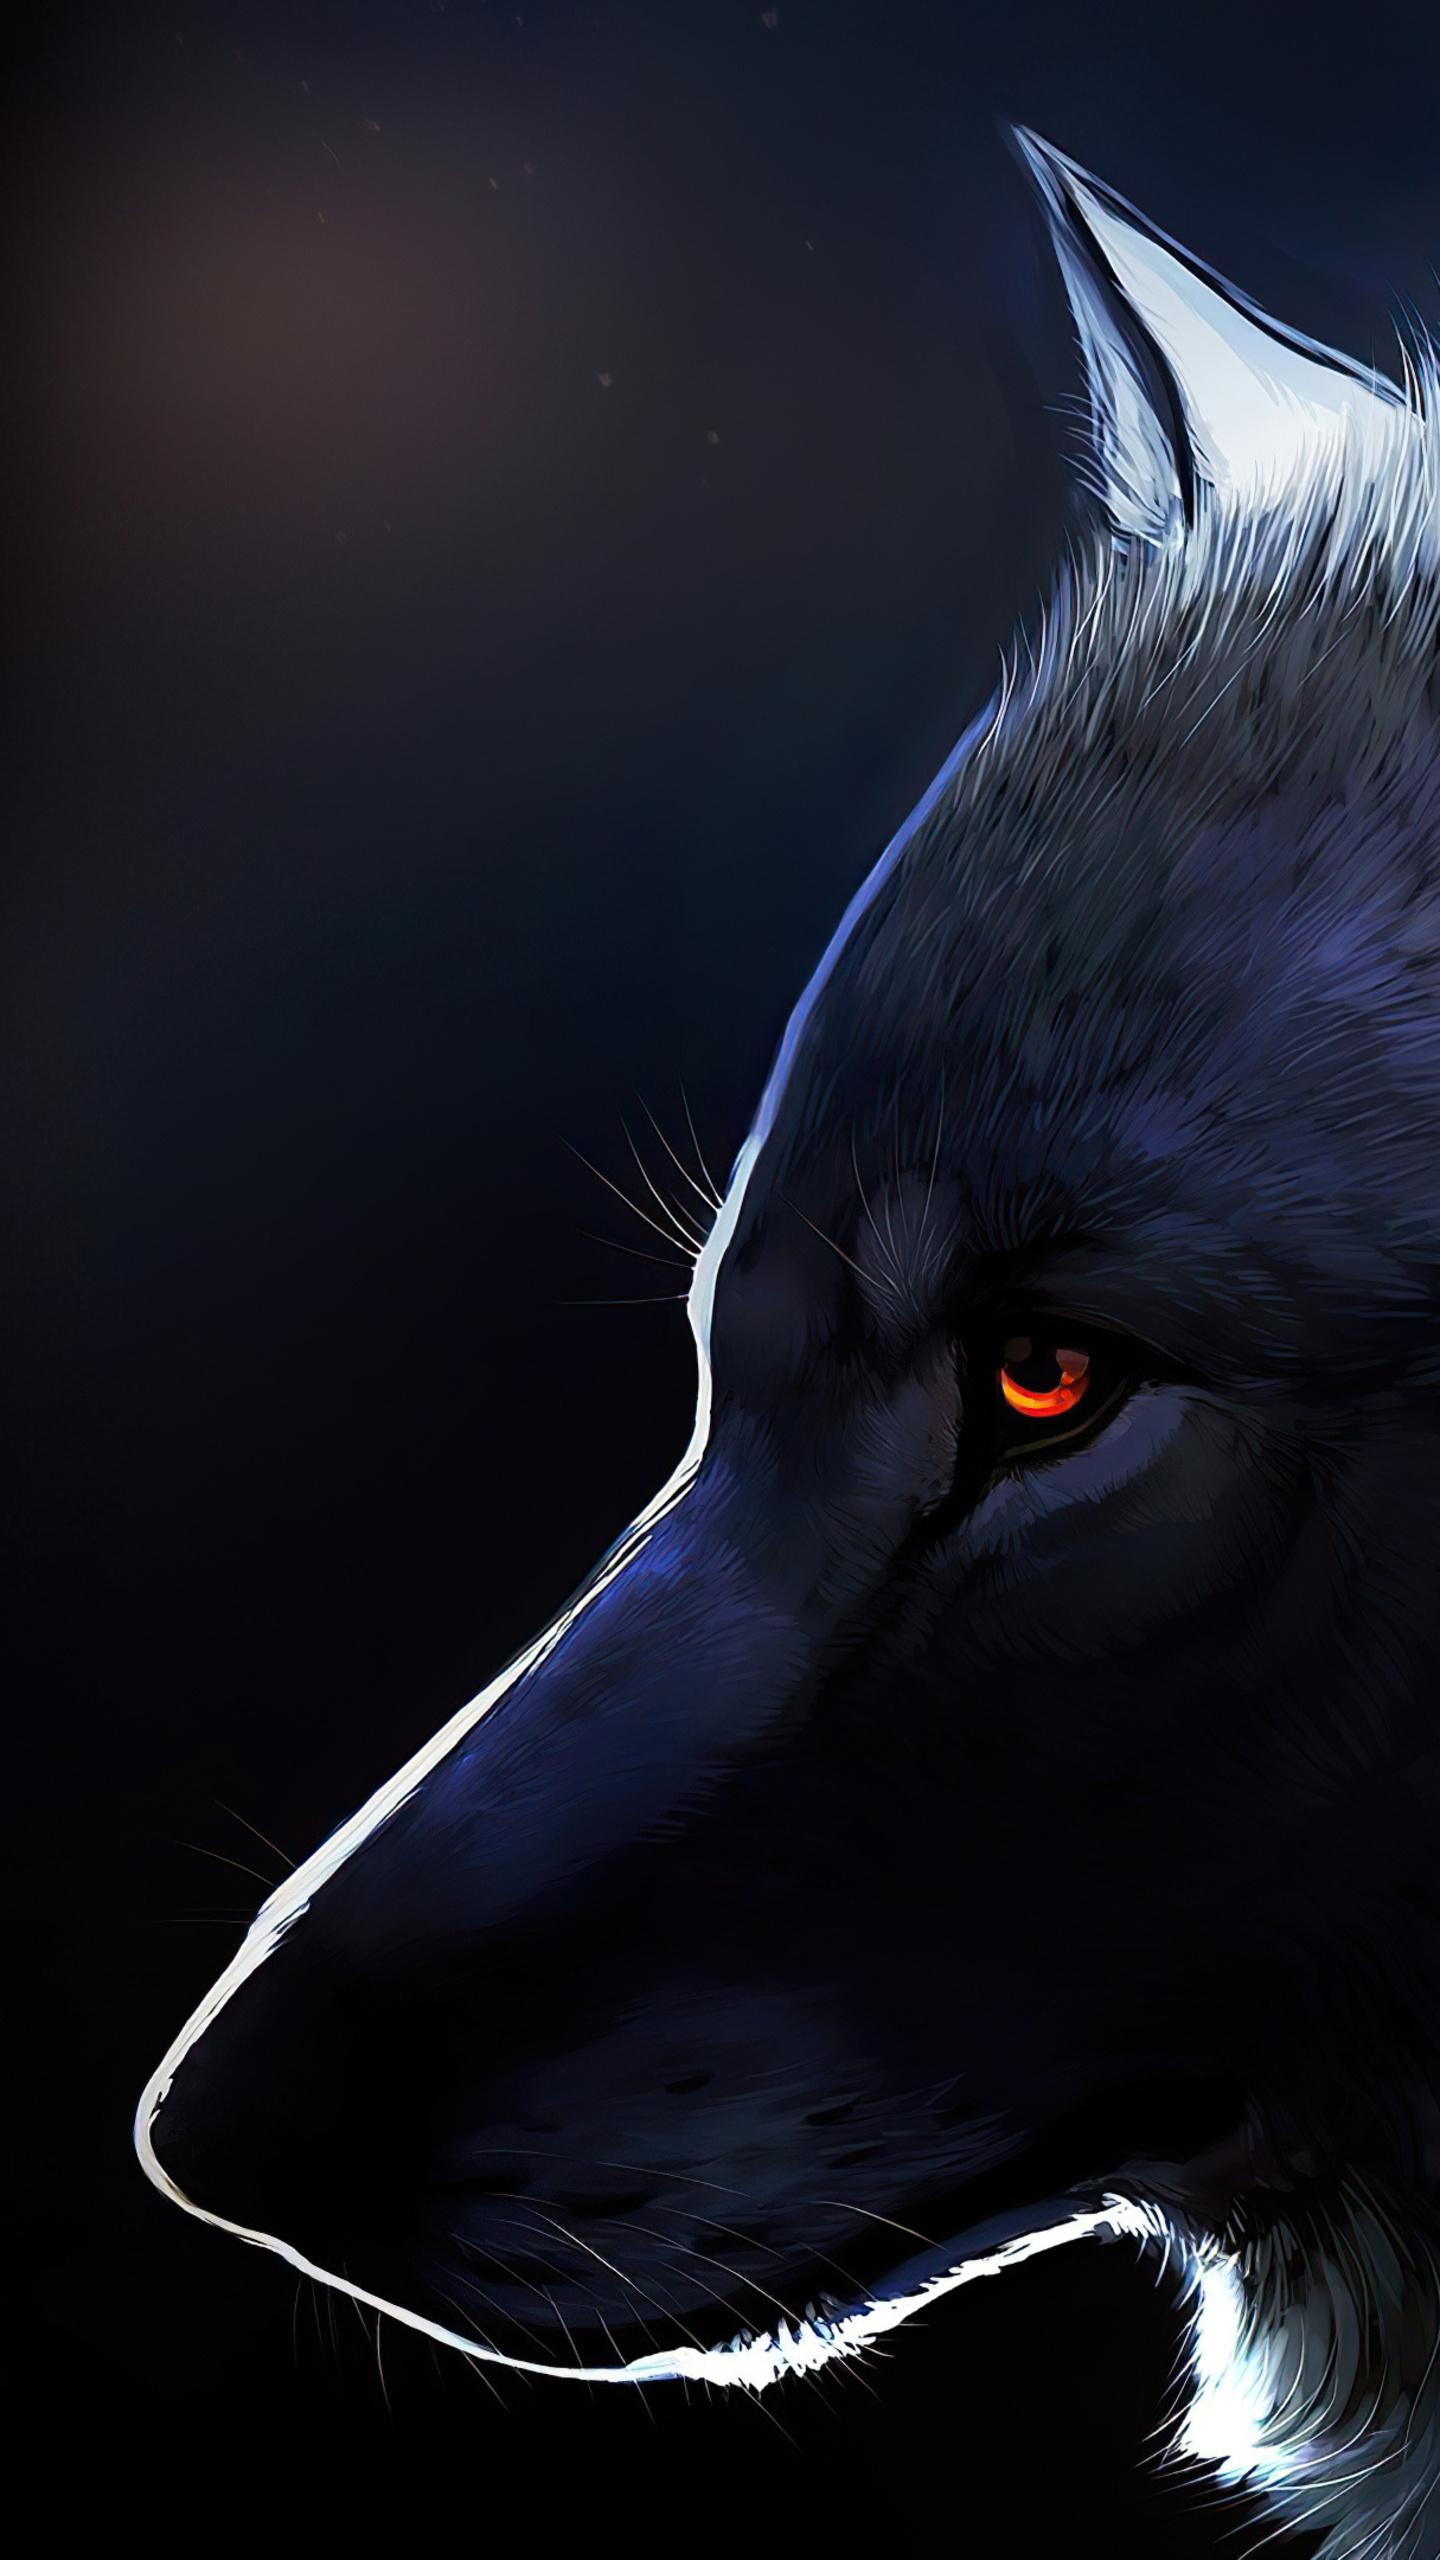 wolf glowing eyes 4k ff